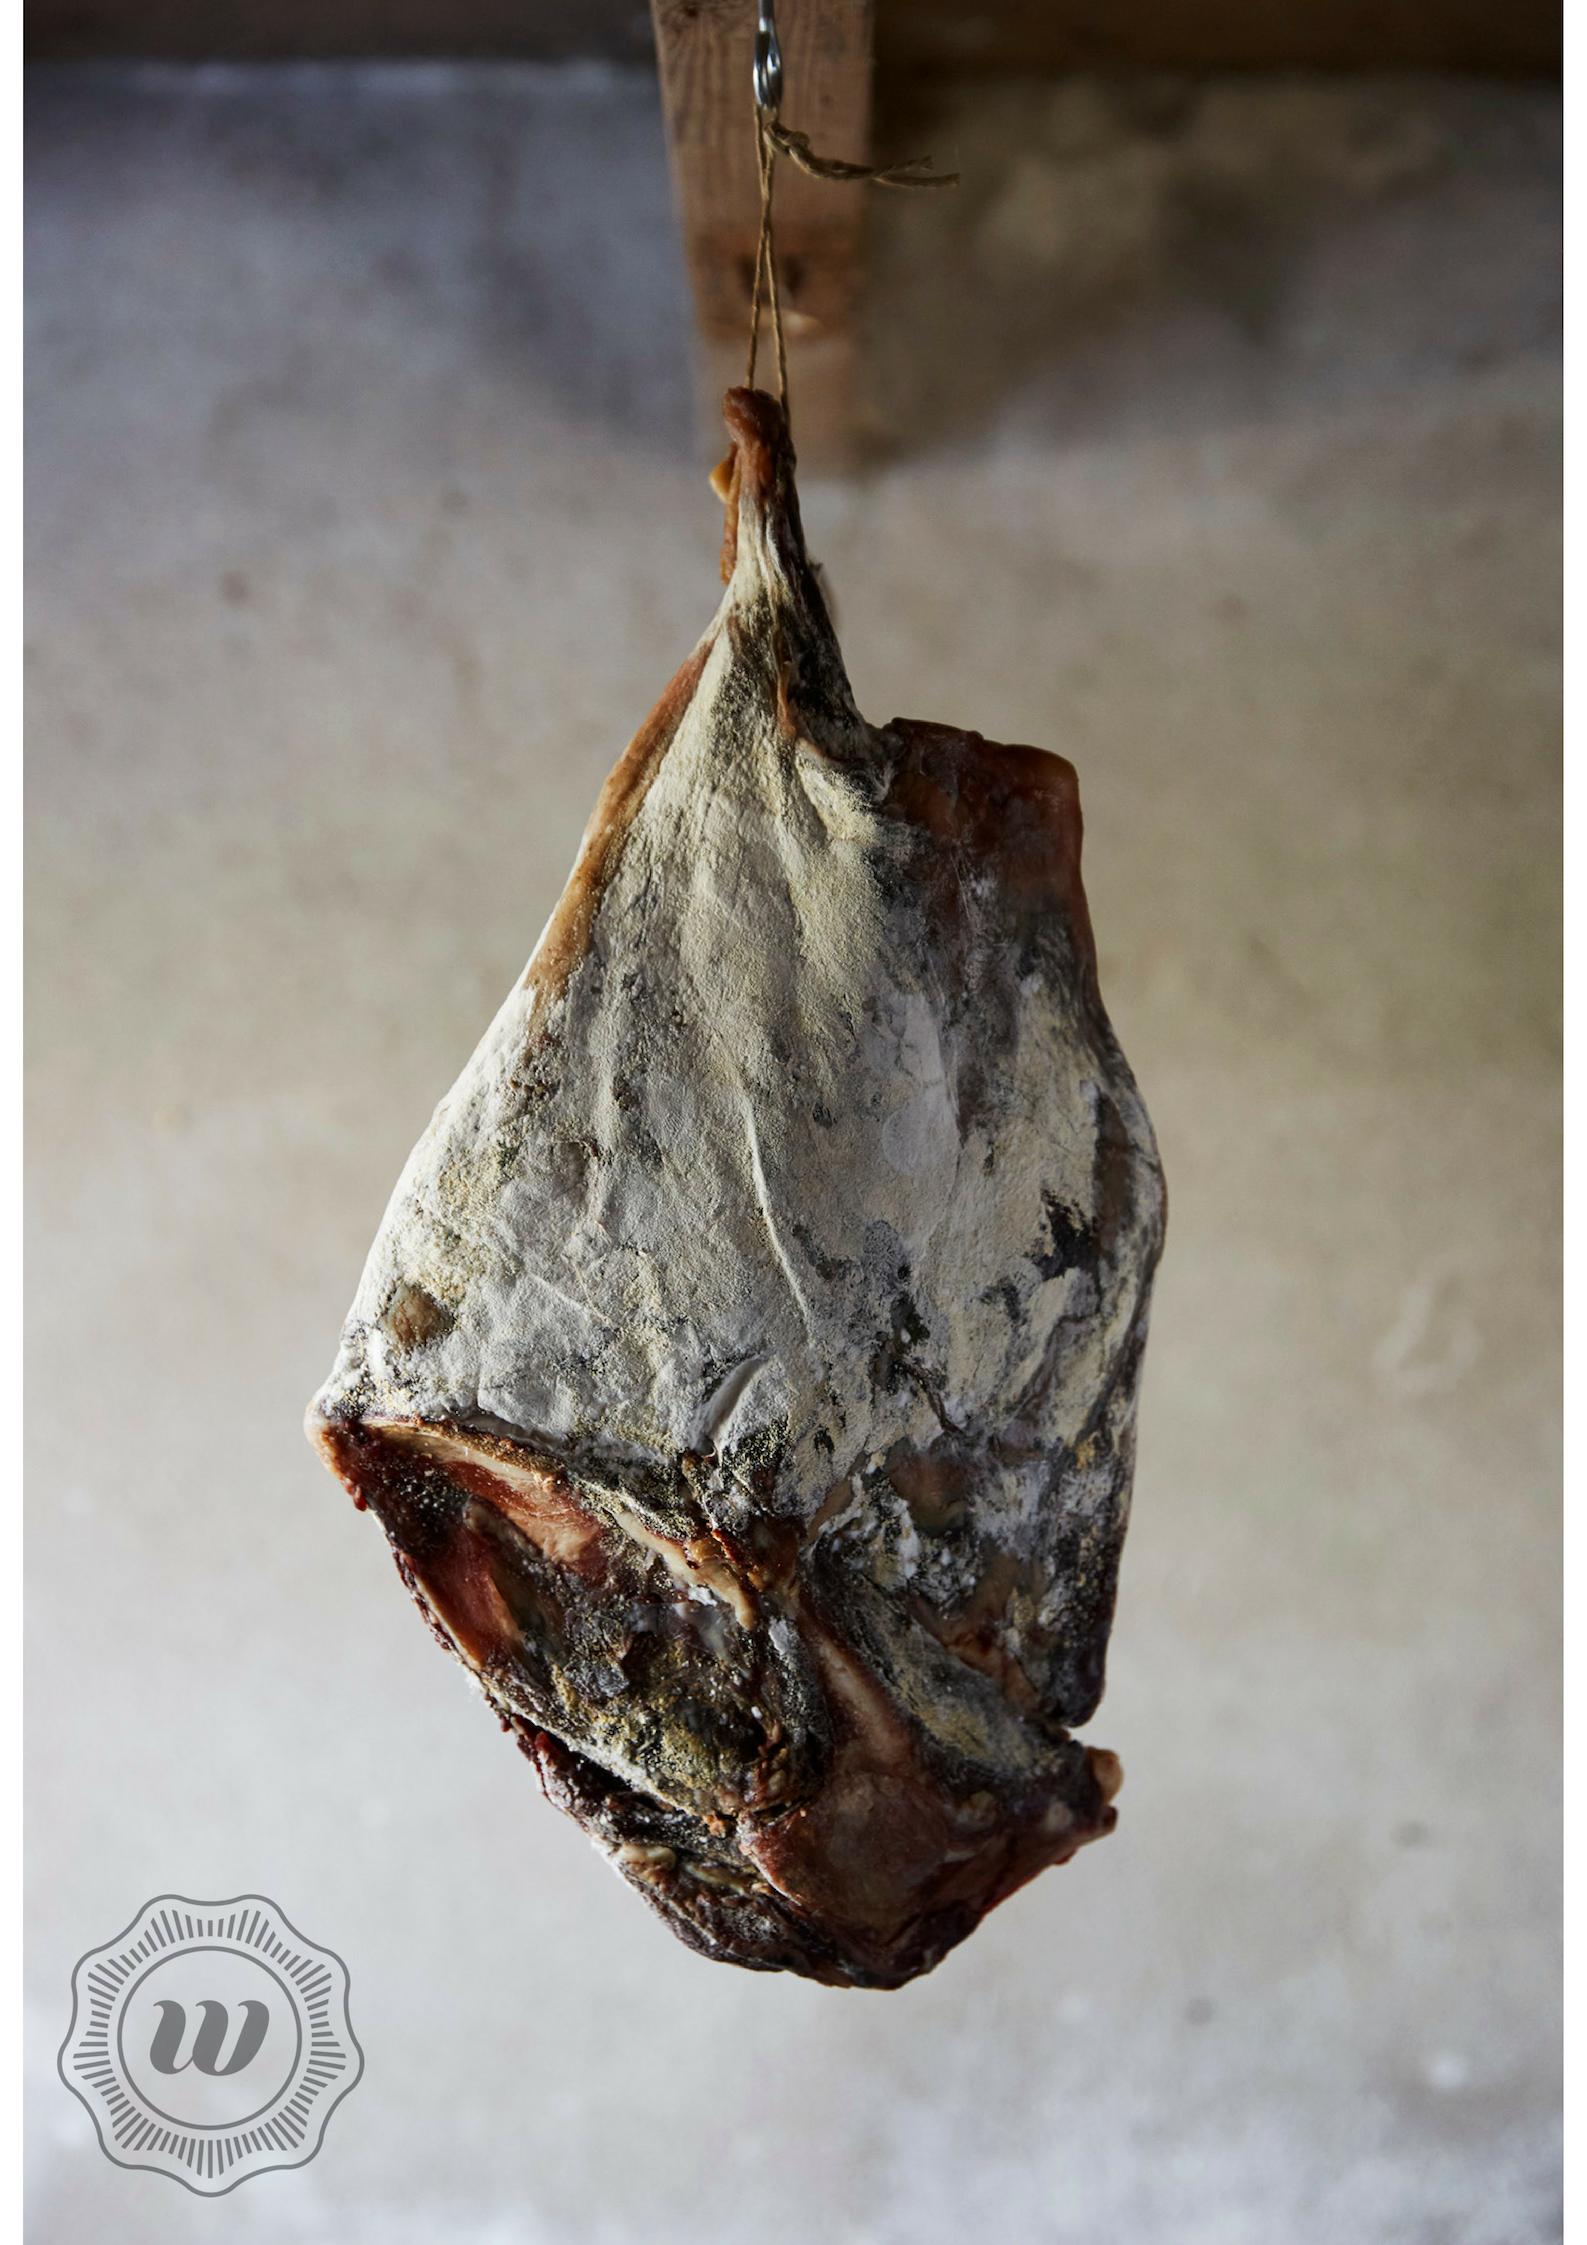 GEDROOGDE HAM - Voor de ham wordt gebruik gemaakt van de achterbout. Eerst wordt de ham gepekeld. Daarna gaat hij in onze rijpingscel voor het optimale resultaat. Door continue sturing van zowel temperatuur als luchtvochtigheid kan de ham rustig en gecontroleerd drogen en rijpen. Onze hammen maken wij van wild zwijn en hert.